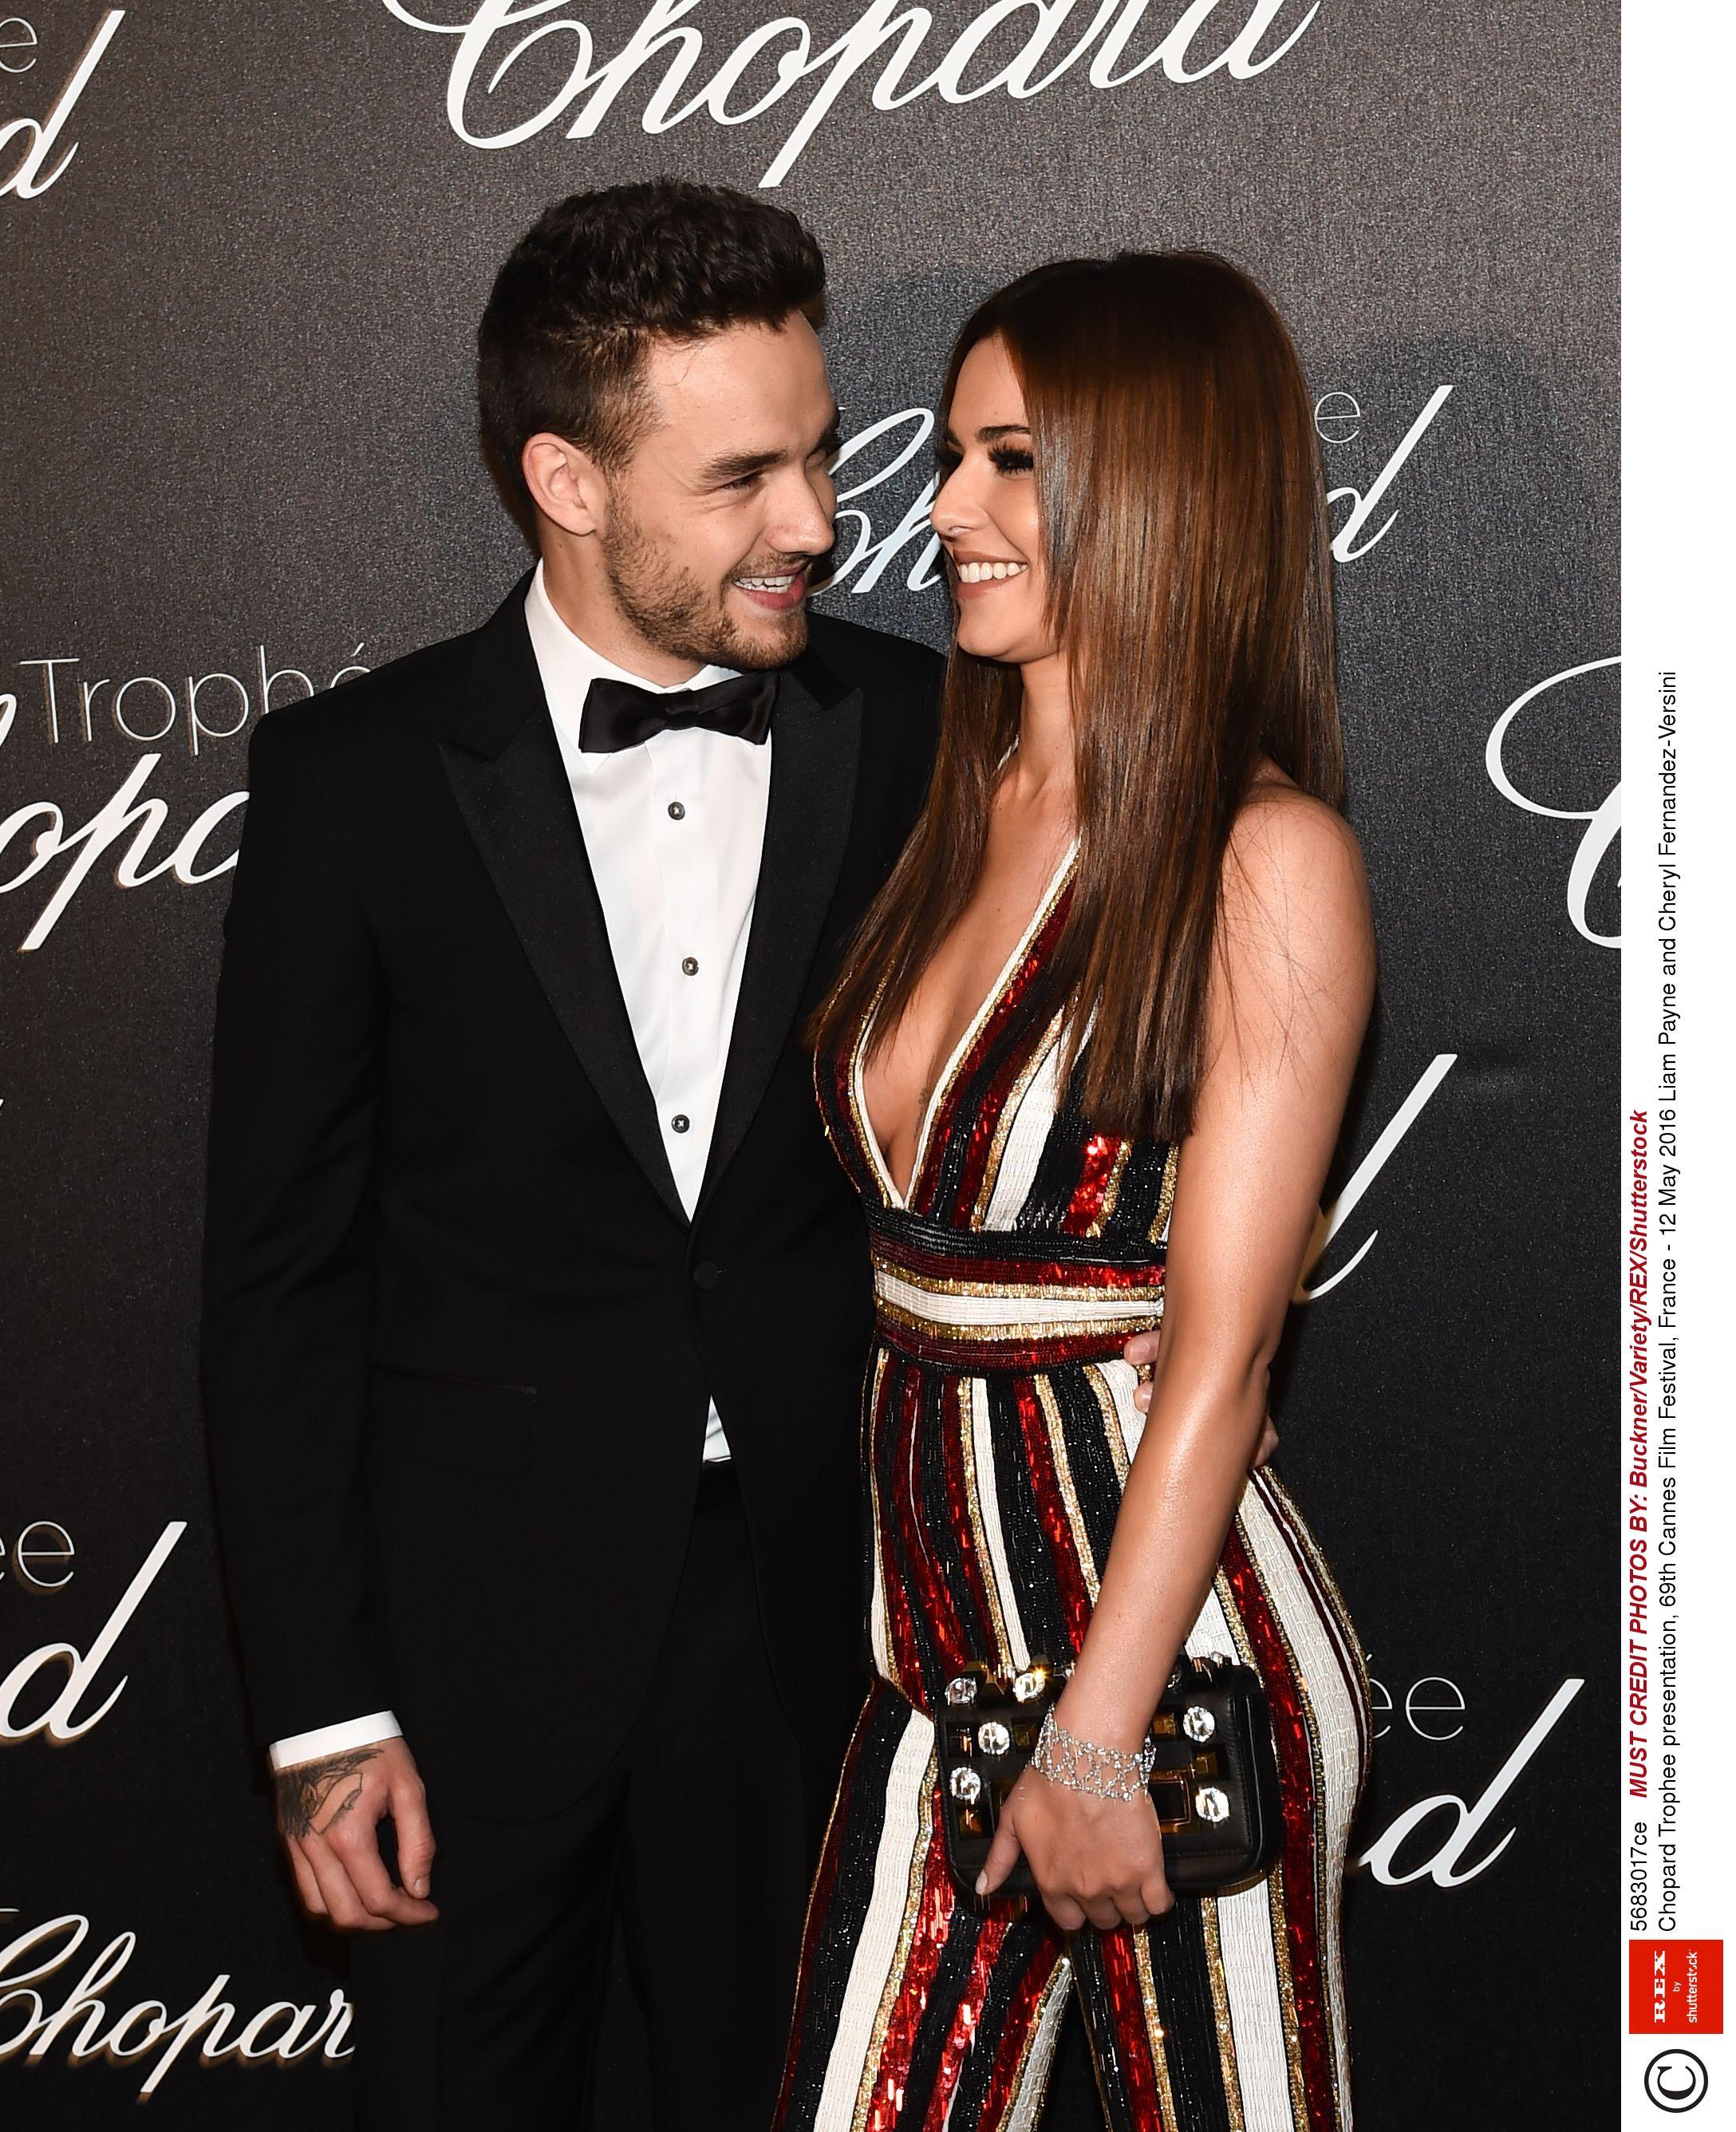 Aandoenlijk! Cheryl en Liam Payne maken samen kerstkaarten